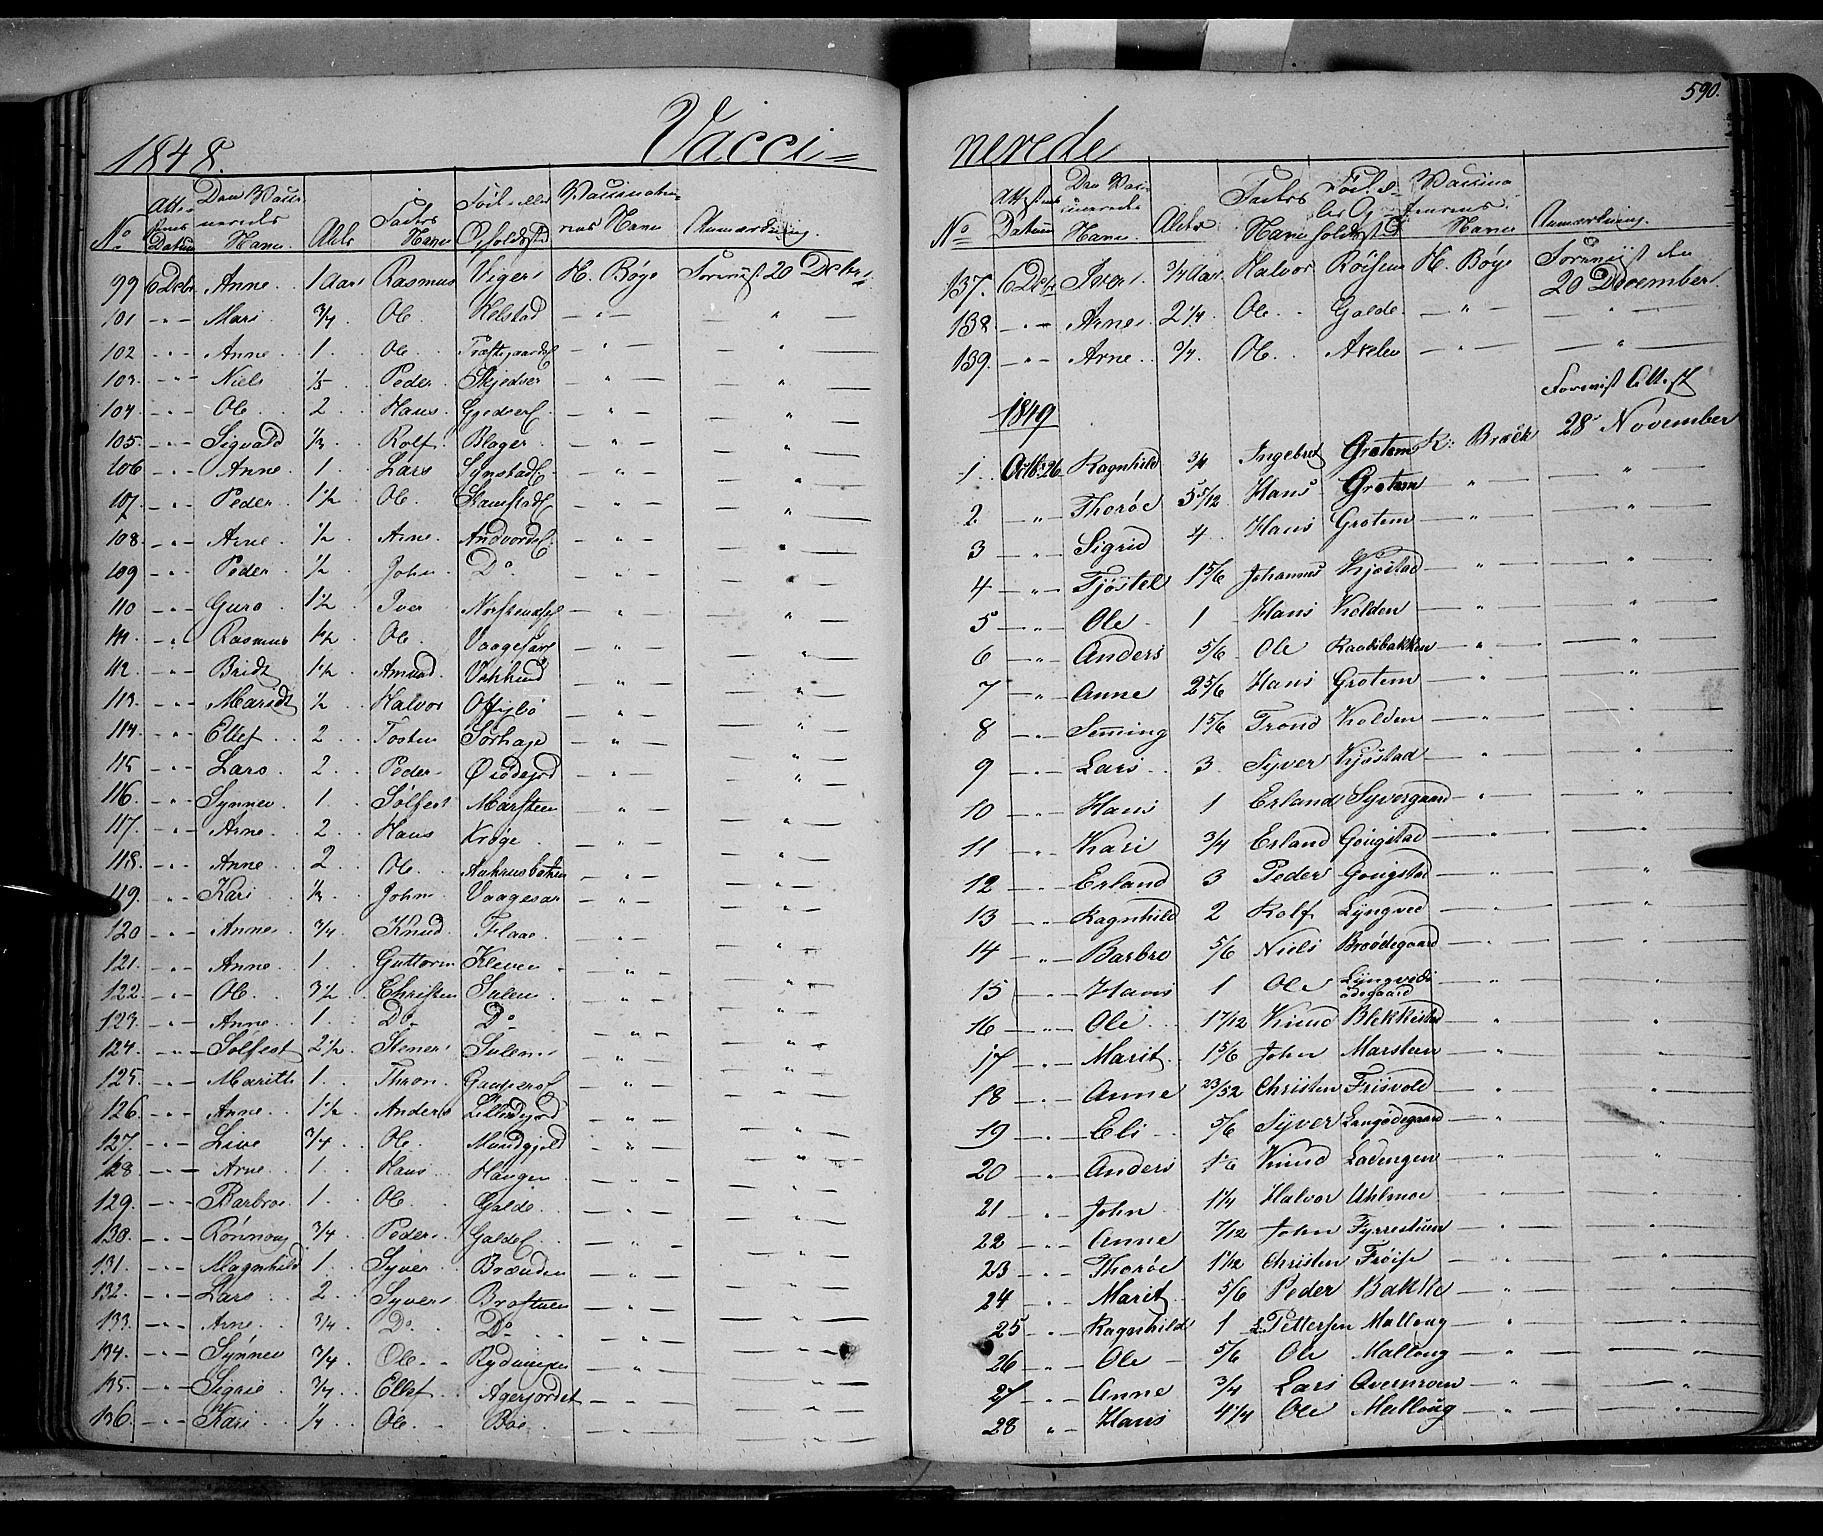 SAH, Lom prestekontor, K/L0006: Ministerialbok nr. 6B, 1837-1863, s. 590